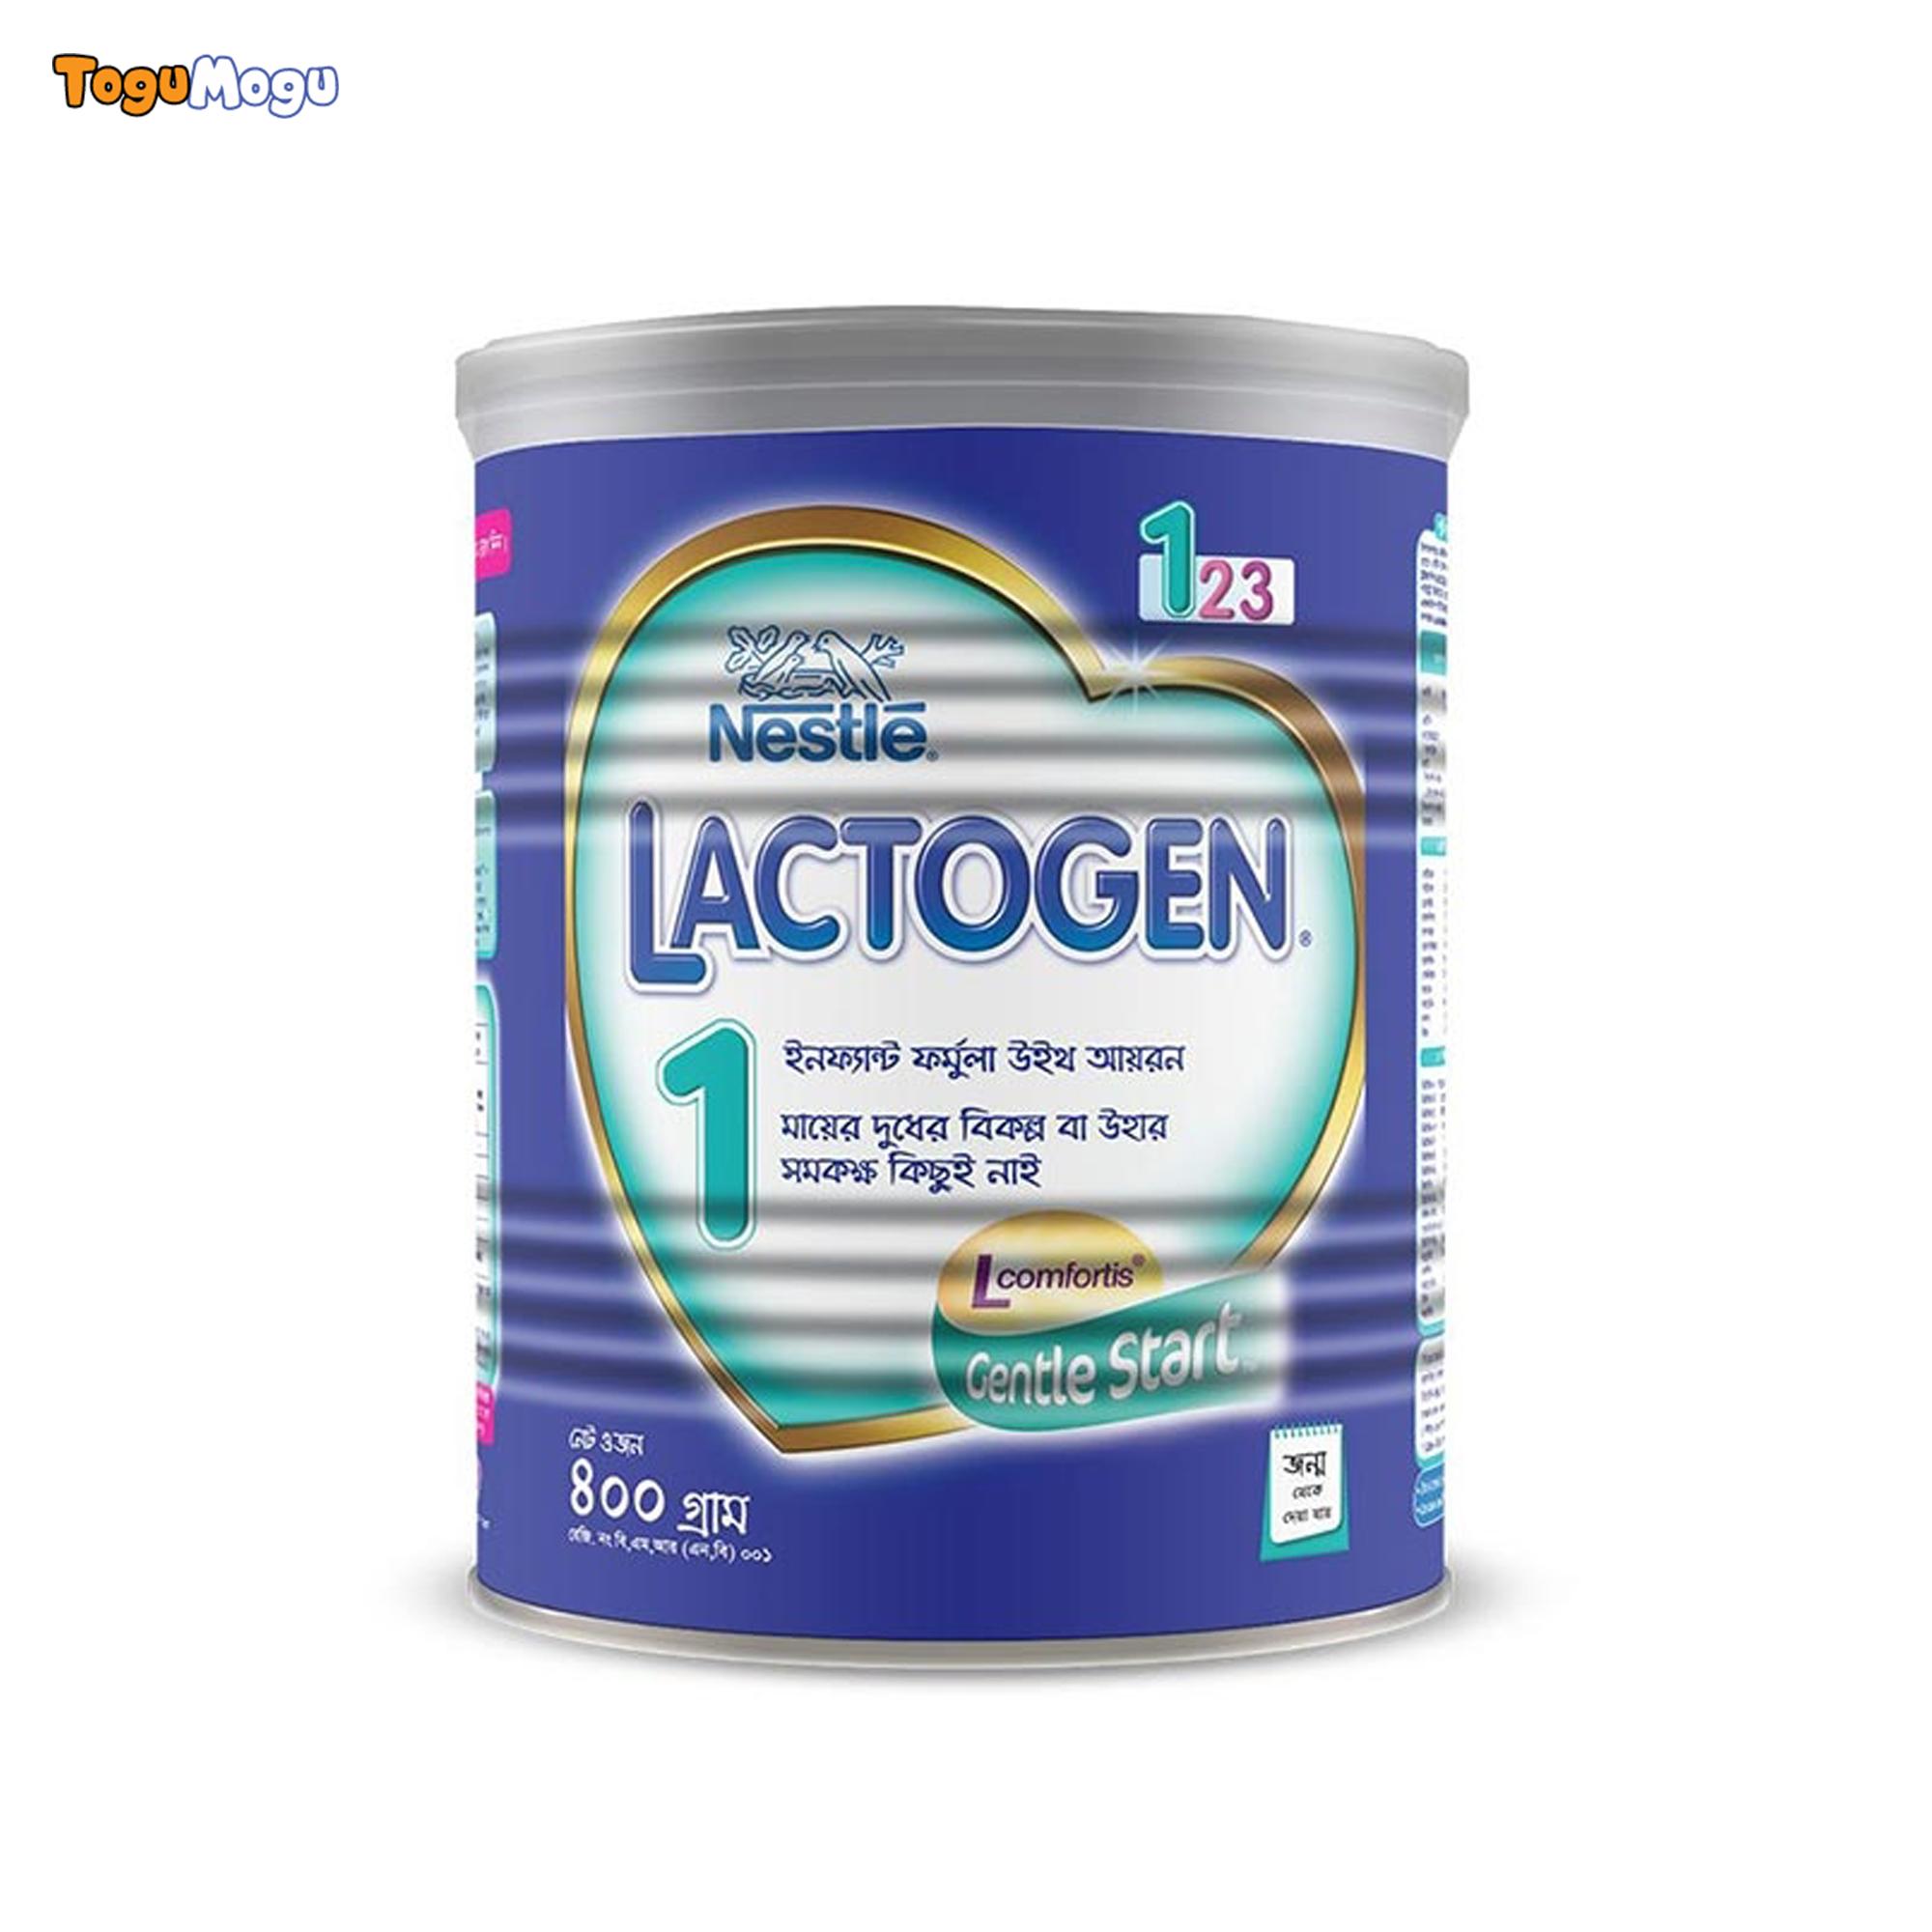 Nestle Lactogen 1 Infant Formula With Iron 400gm Tin